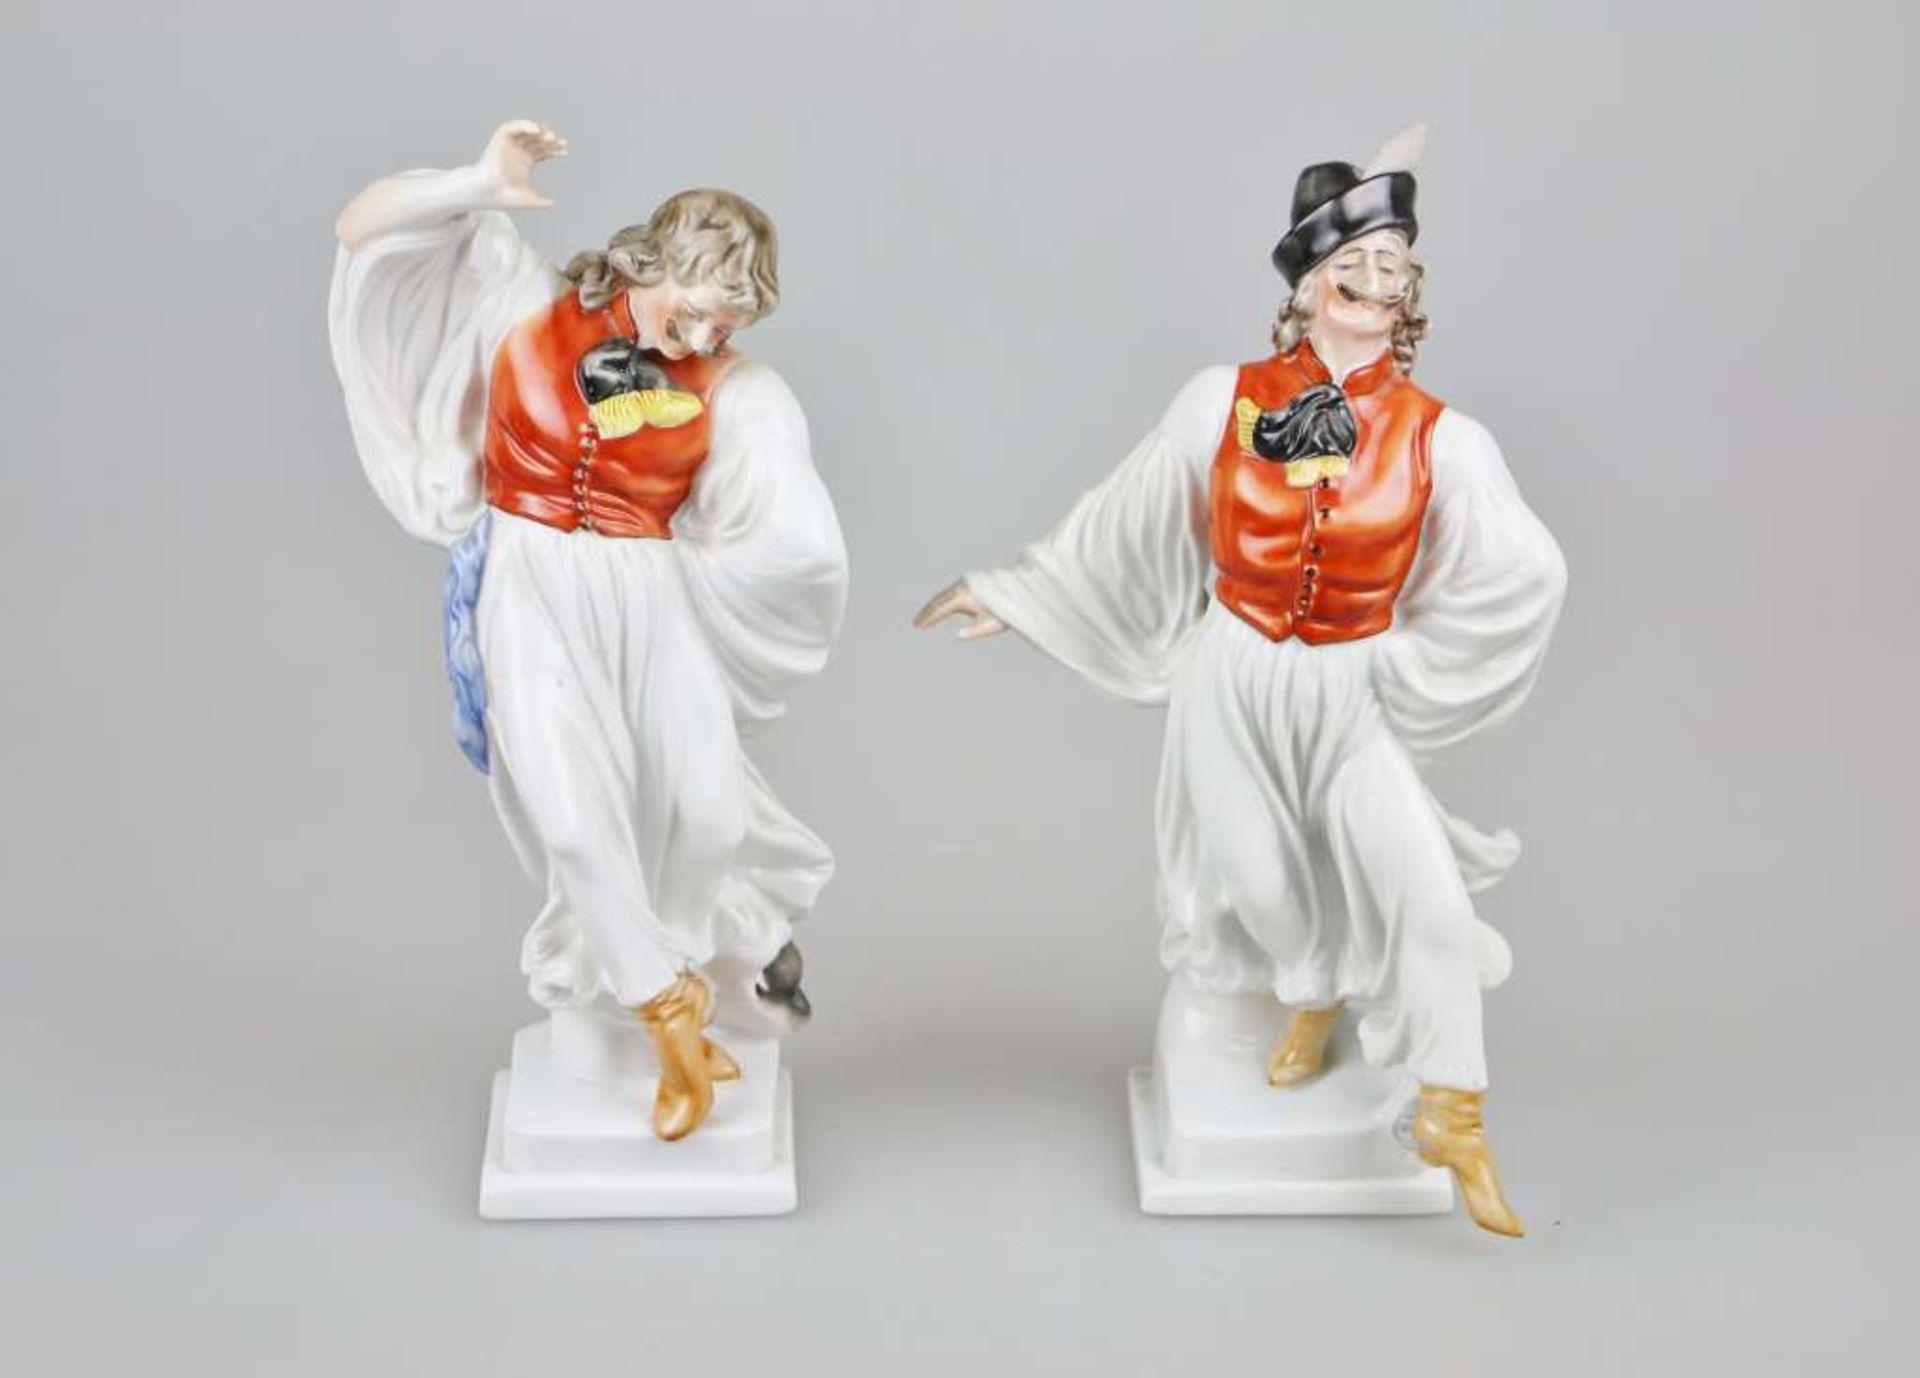 Paar Herend Porzellanfiguren ¨Ungarische Puszta-Tänzer in traditioneller Tracht¨, 2. H. 20.